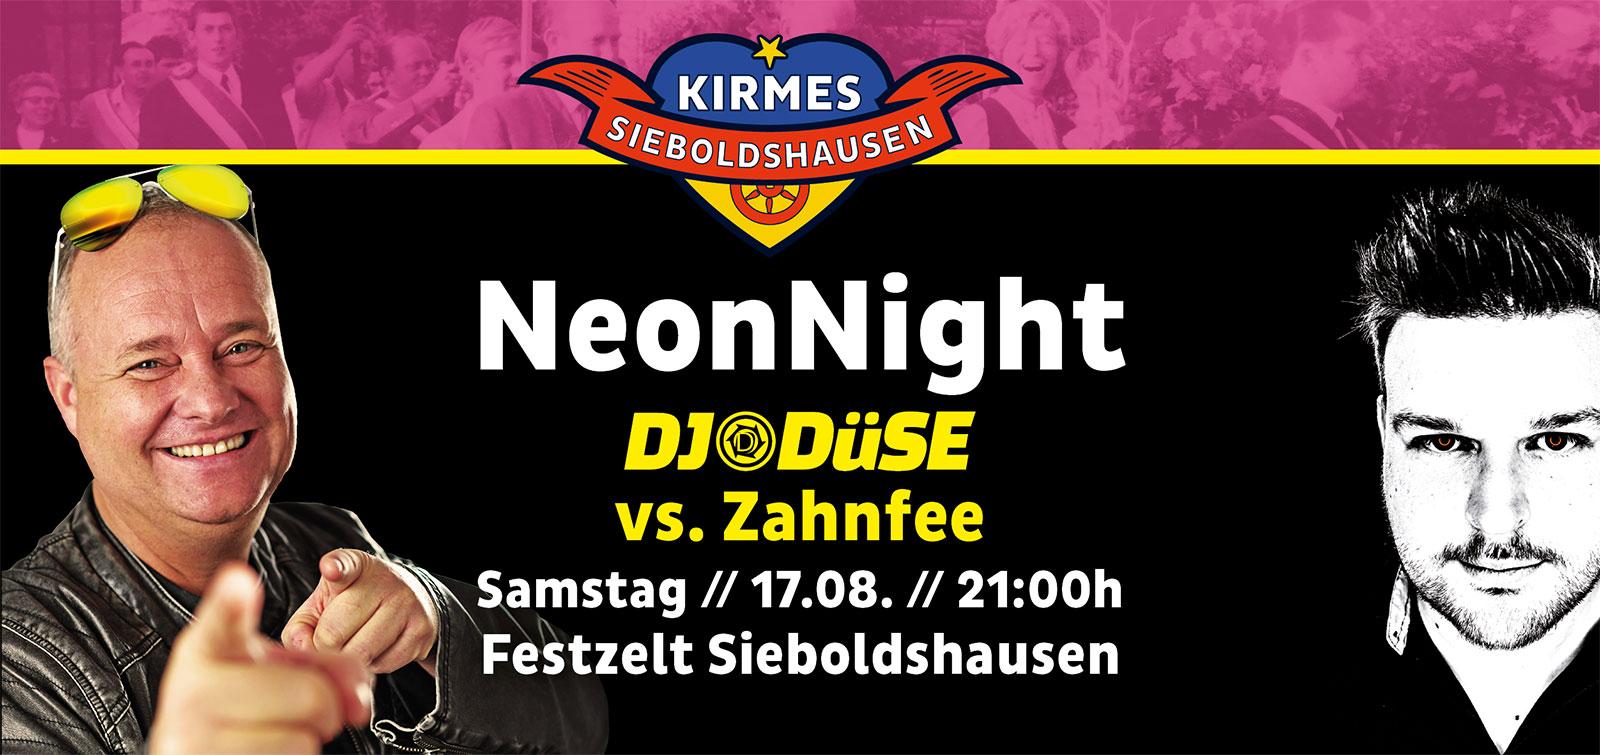 NeonNight